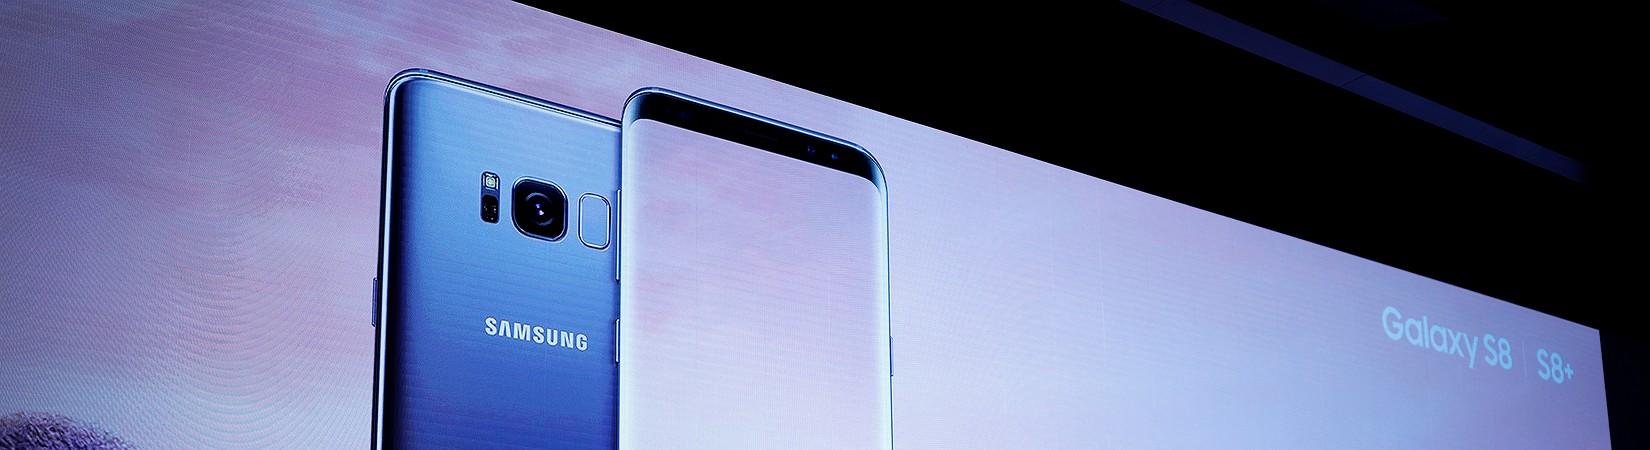 Почему экран Galaxy S8 круче, чем у iPhone